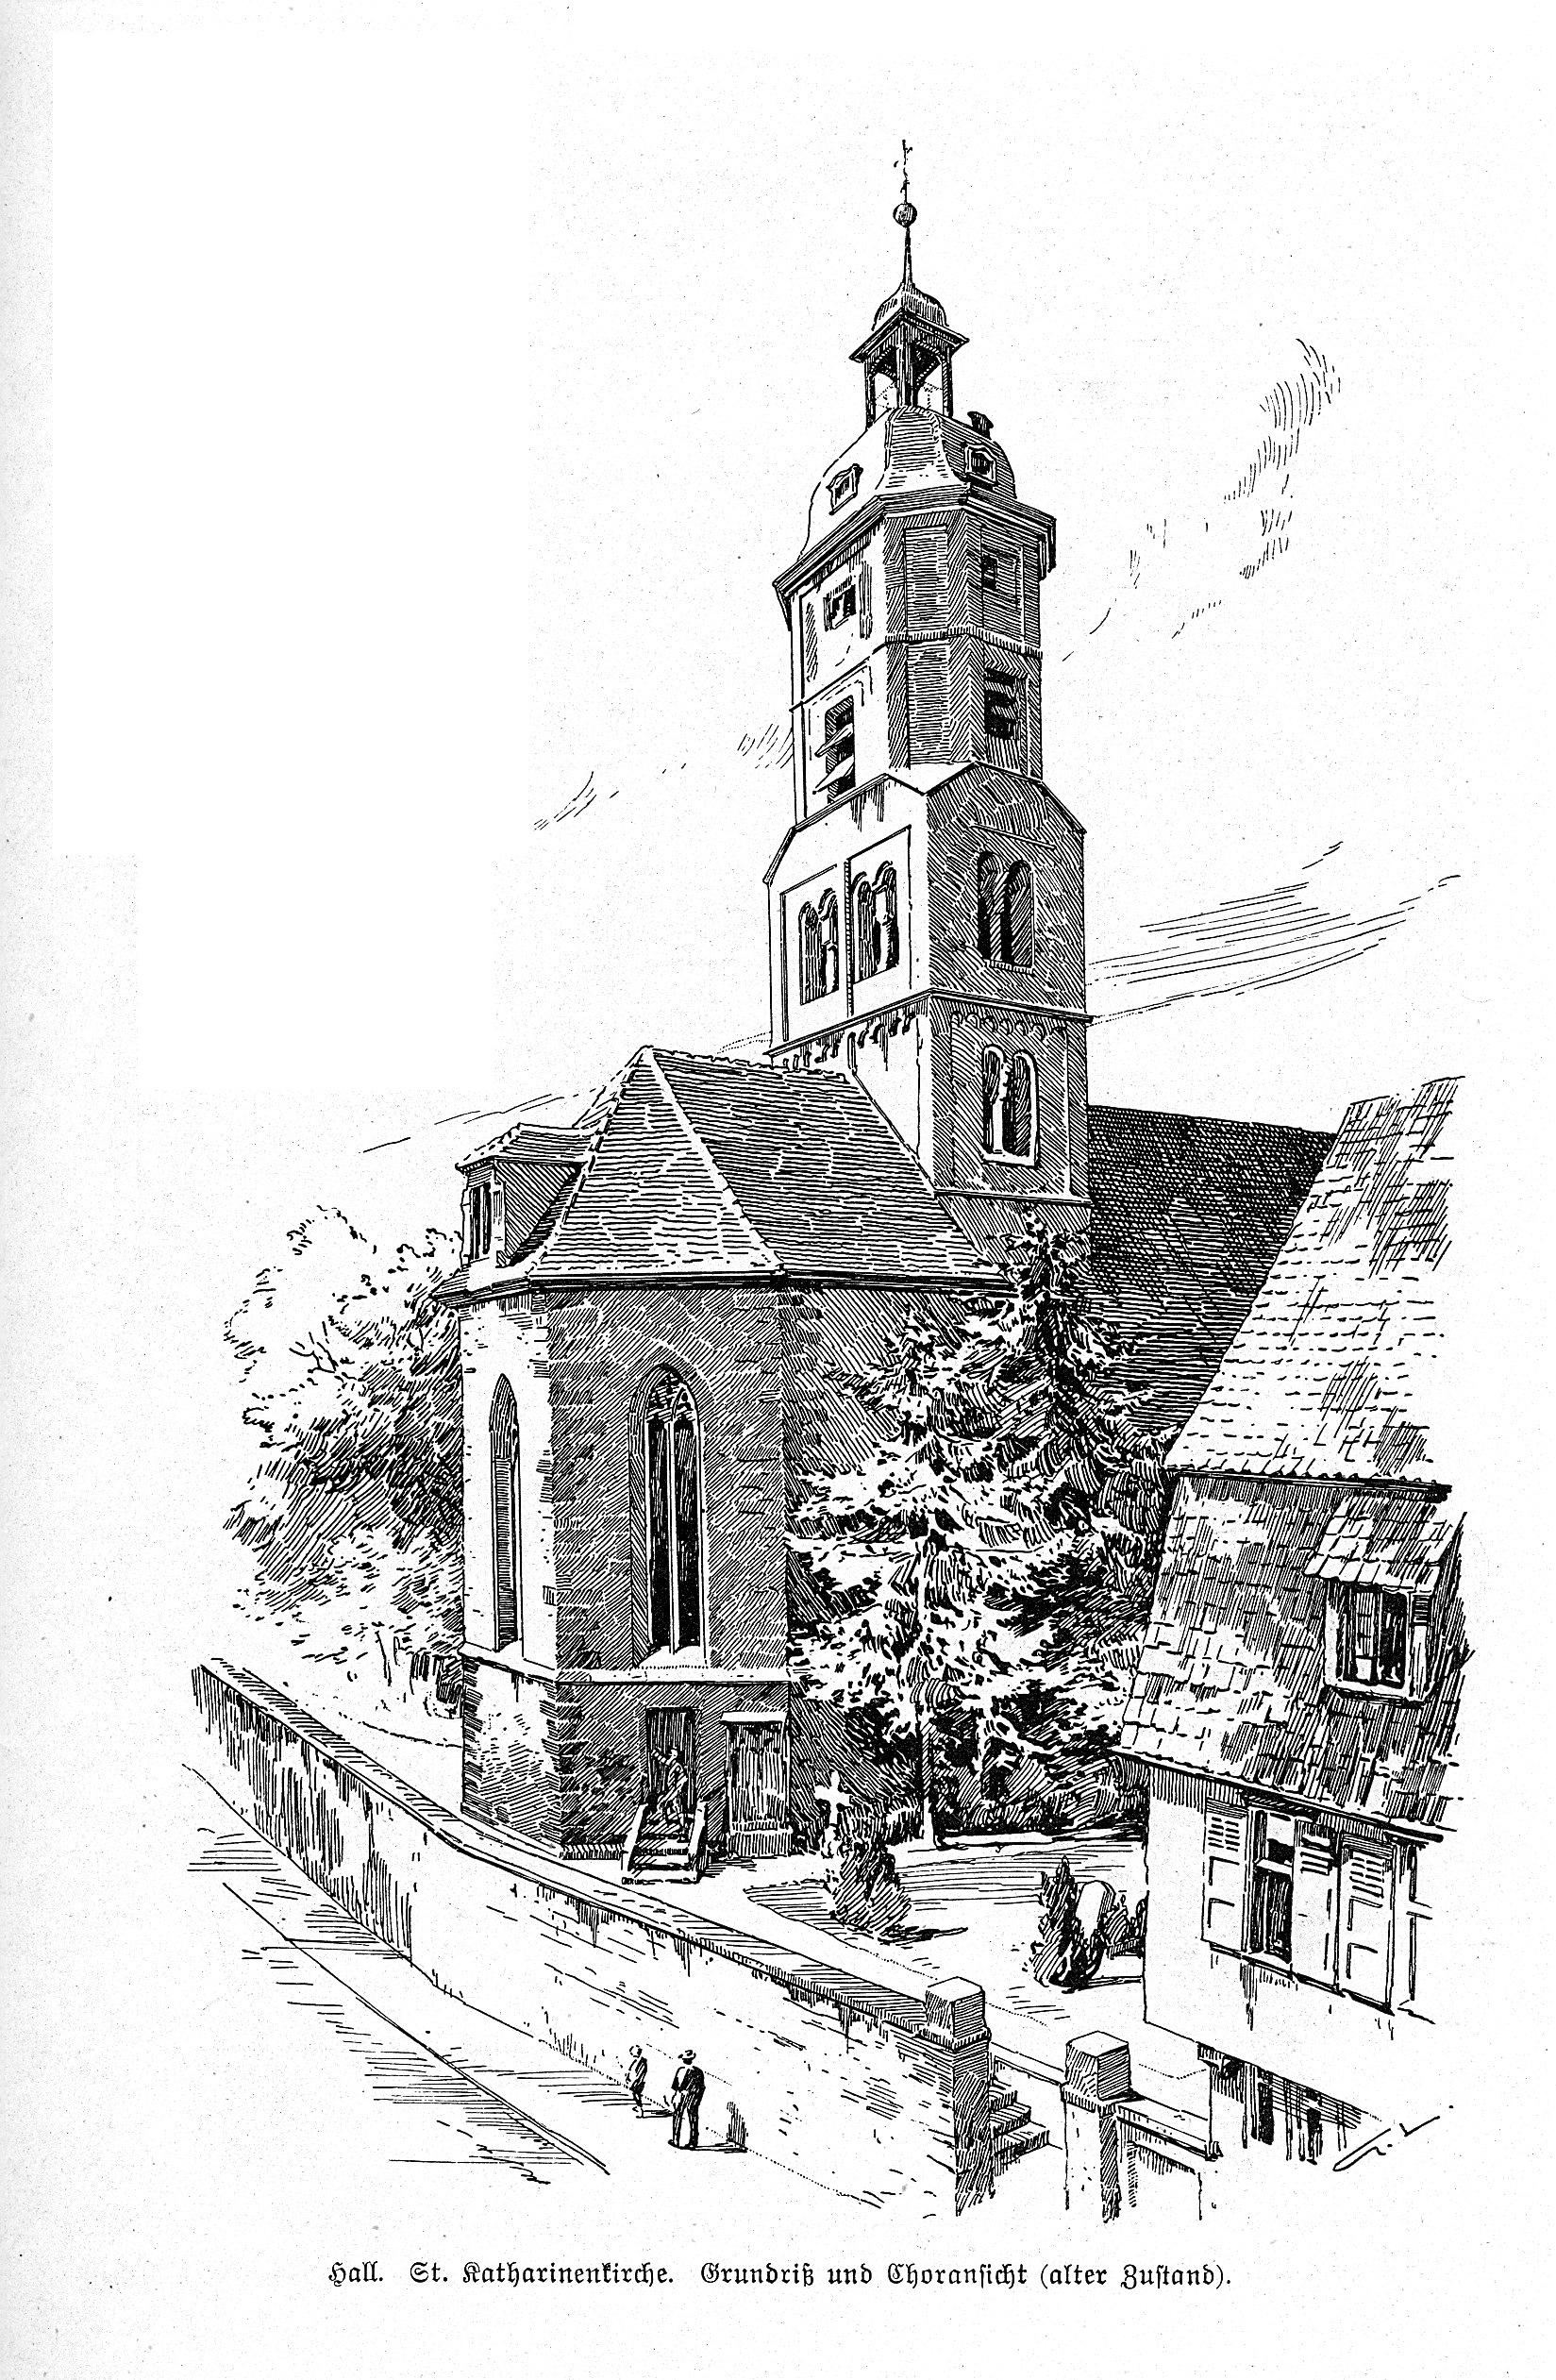 Datei:Choransicht (alter Zustand) der Kirche St. Katharina